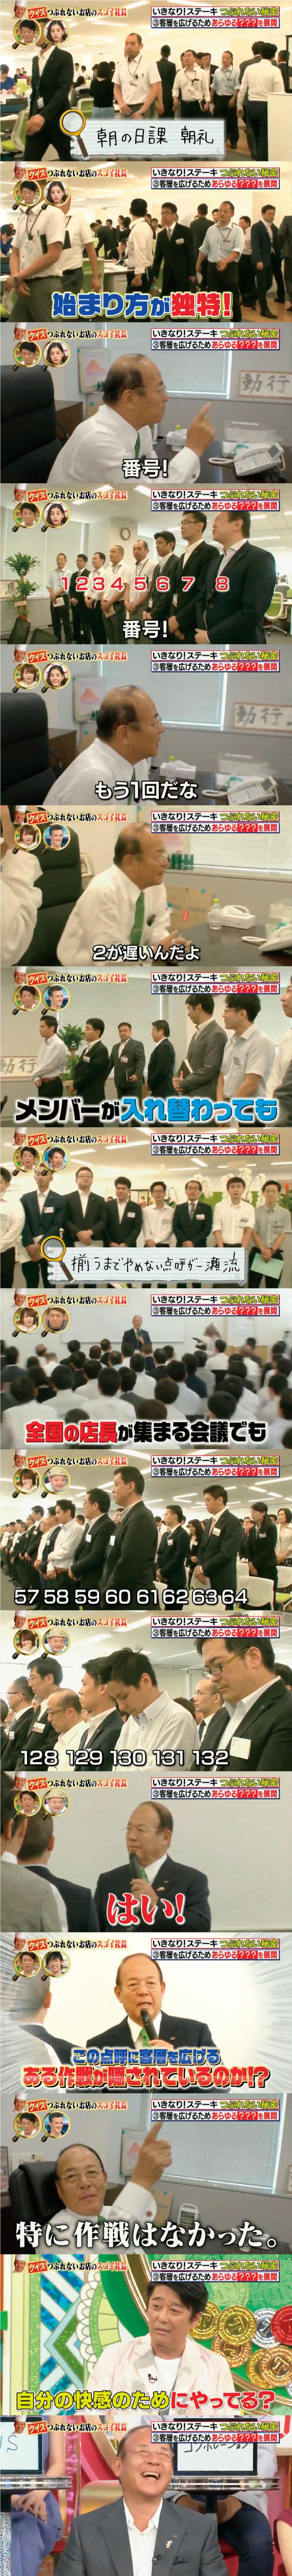 【画像】いきなりステーキの点呼wwwww